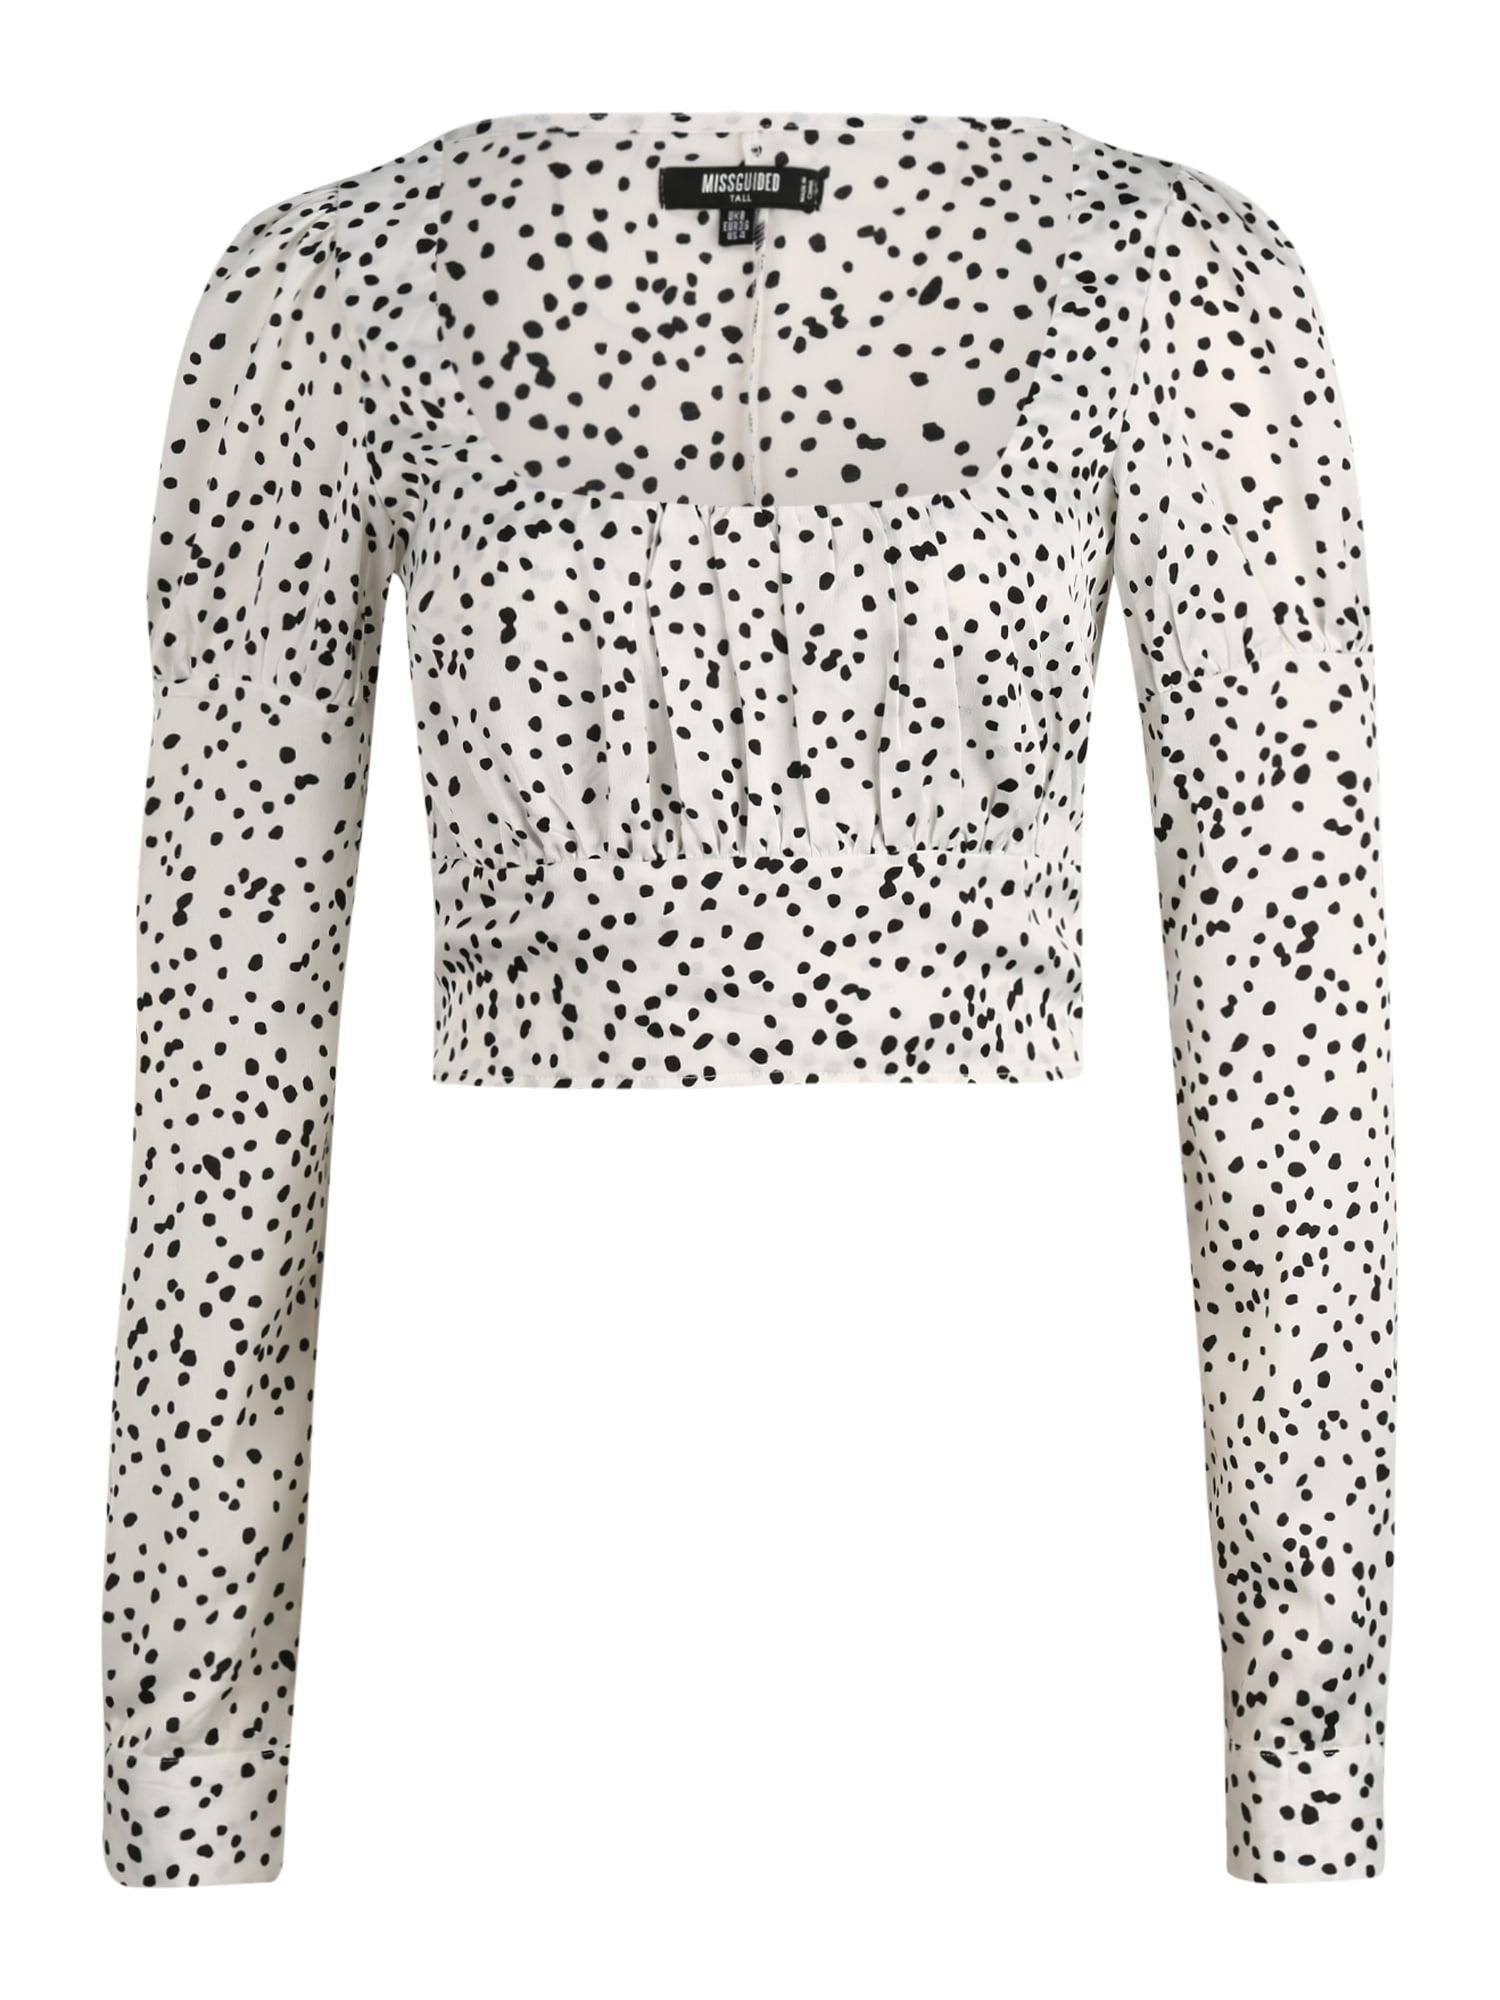 Missguided (Tall) Marškinėliai juoda / balta